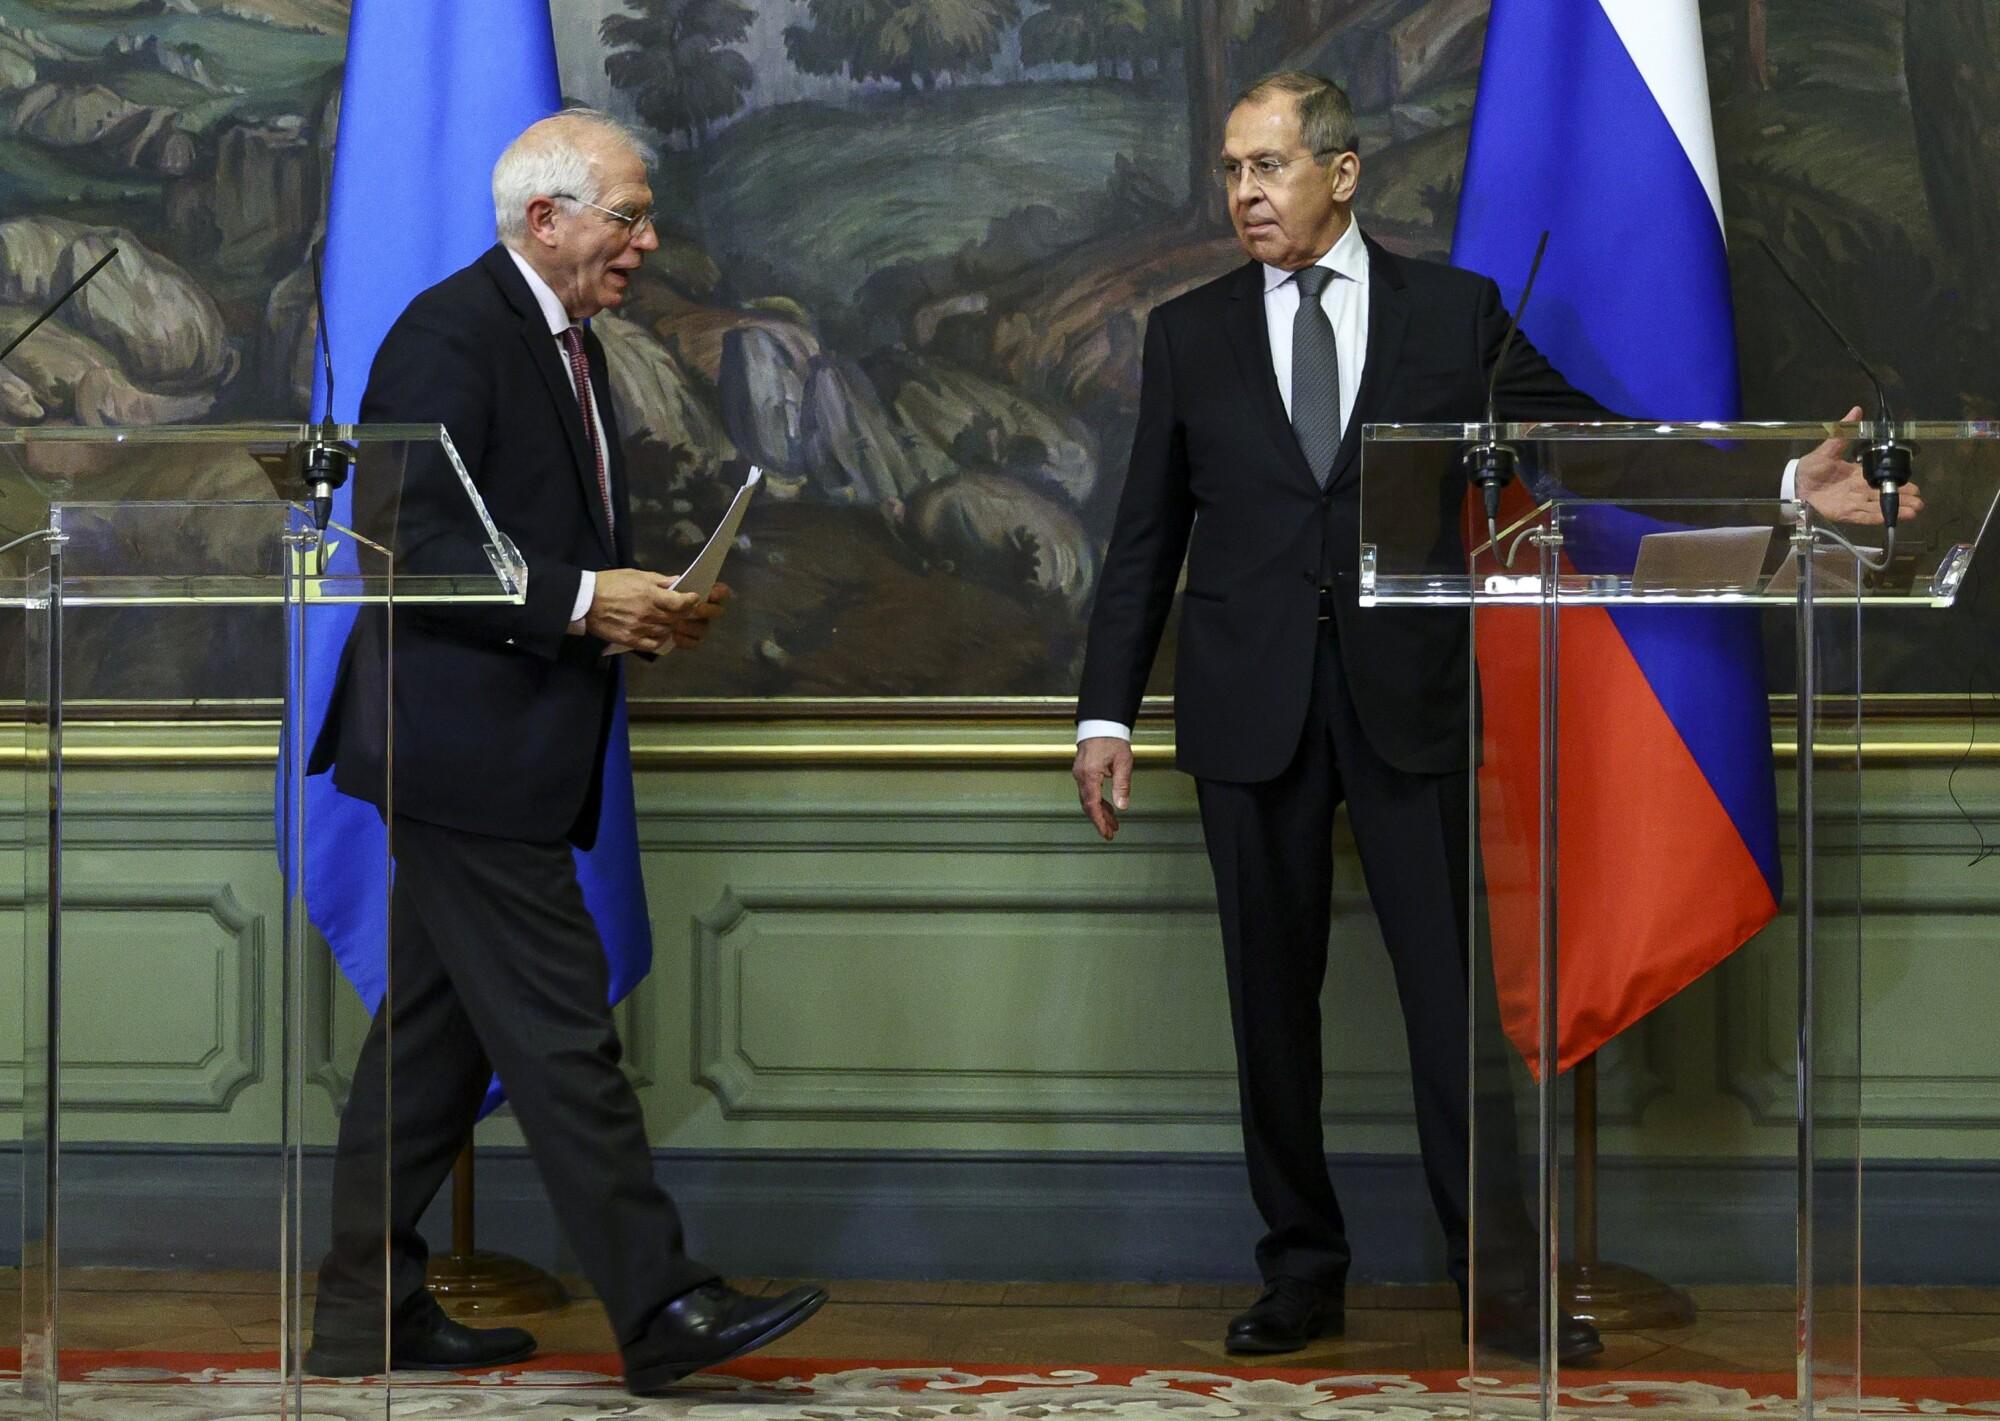 «Европа поклонится России в ноги»: в США отреагировали на ультиматум Лаврова в адрес ЕС